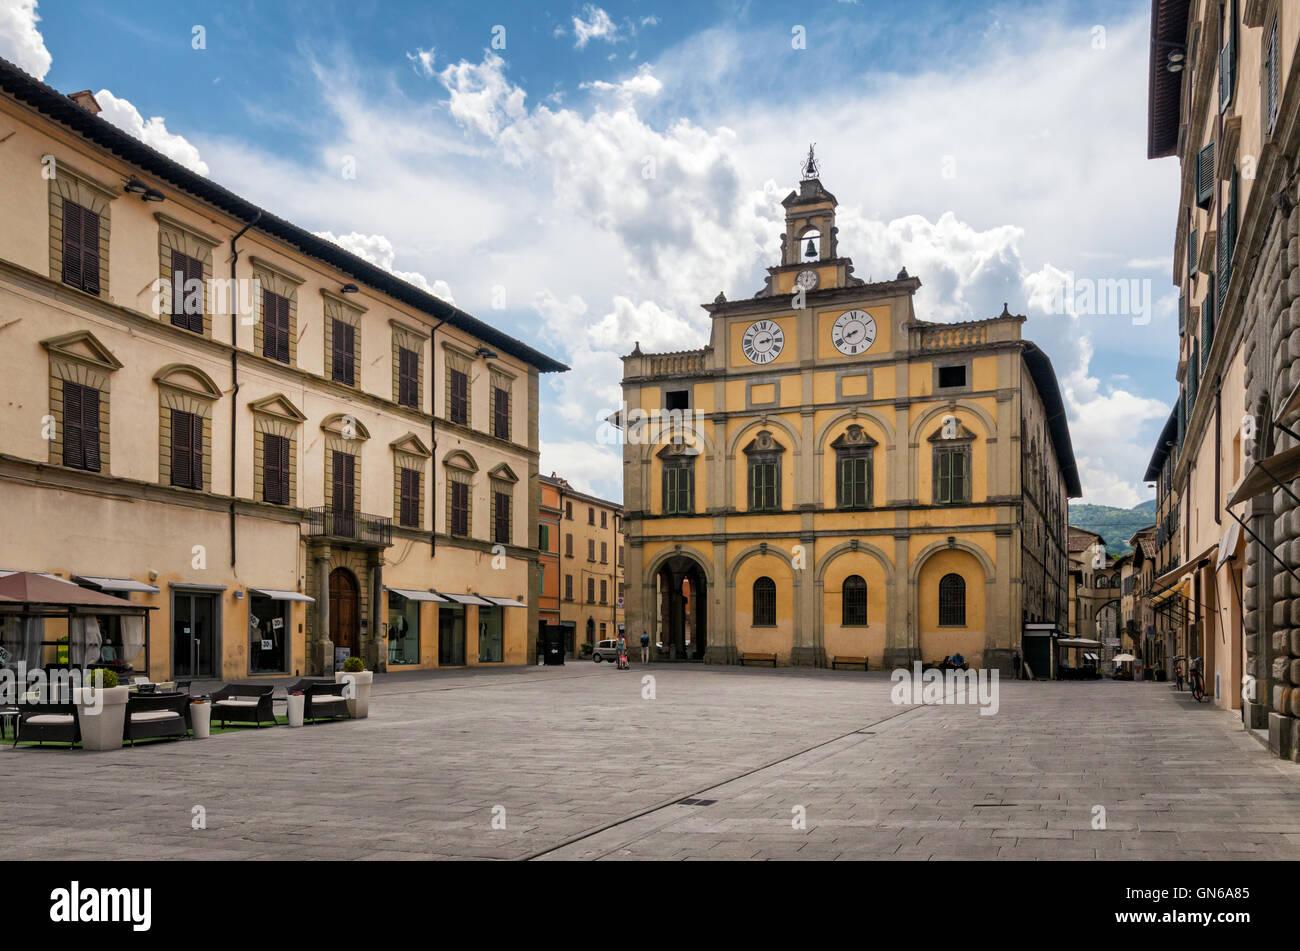 Citta di Castello (Umbria) Piazza Matteotti - Stock Image